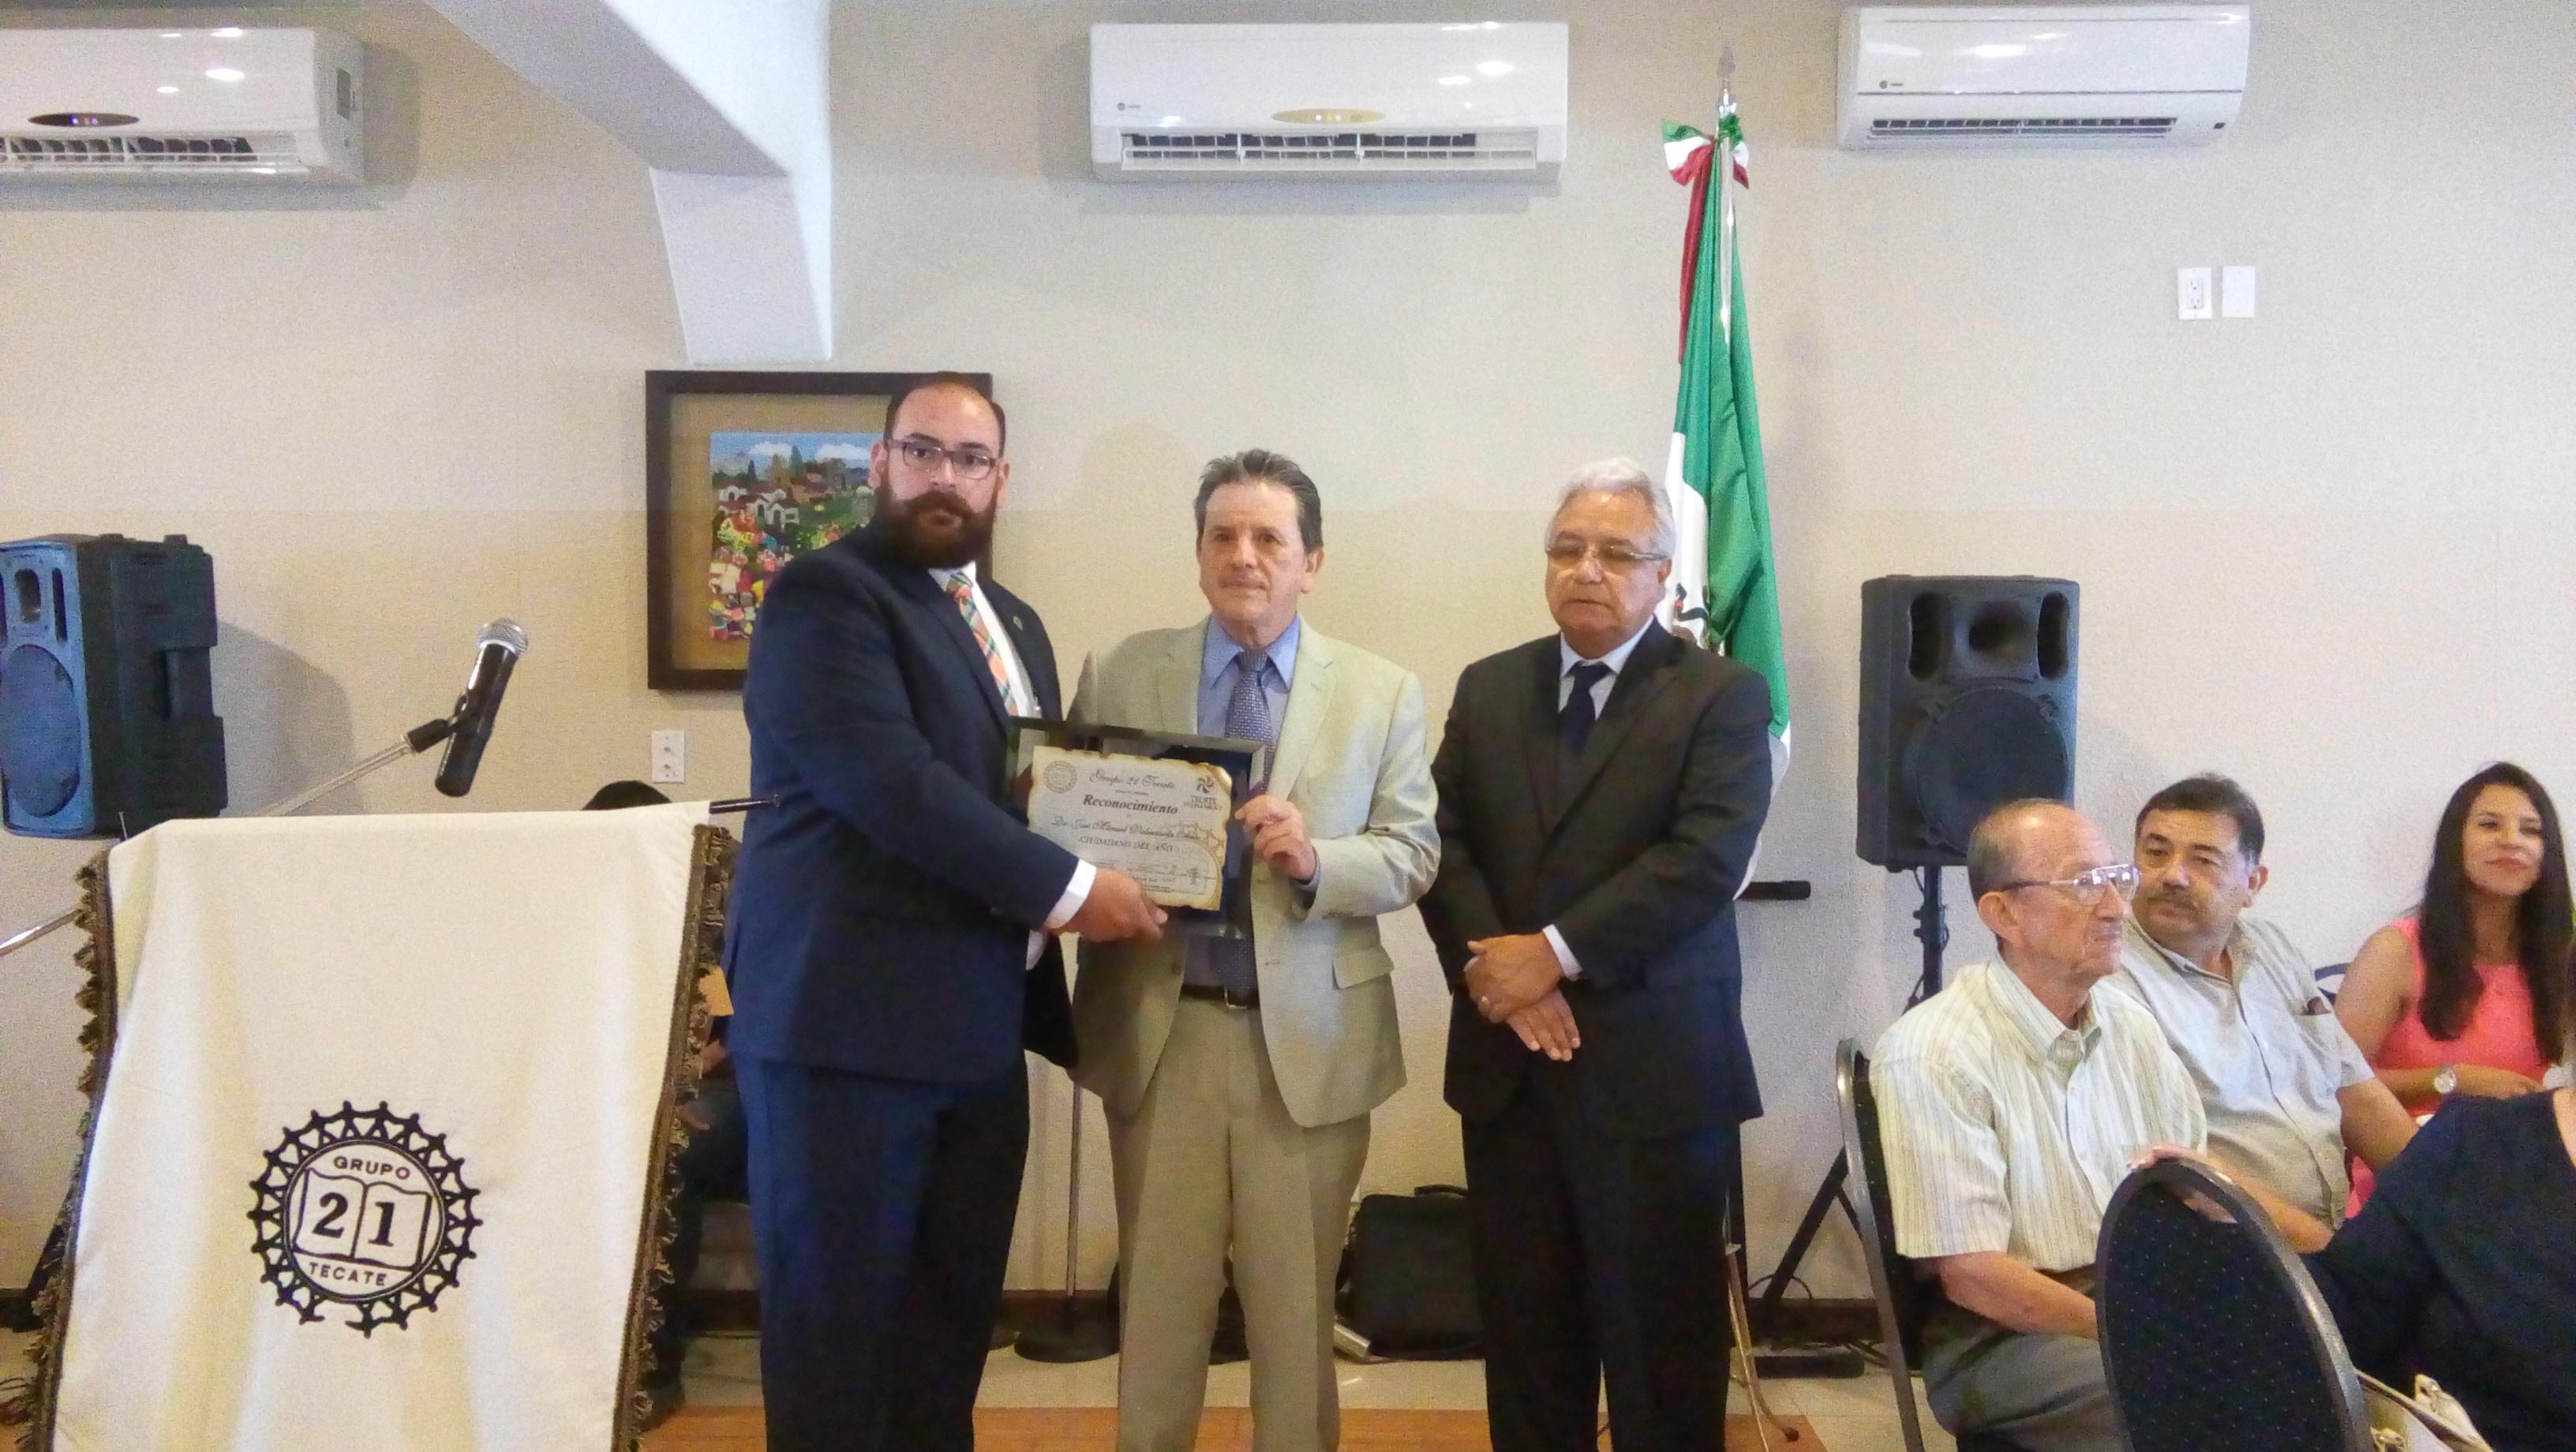 Grupo 21 de gala ciudadano del año Dr. José Manuel Valenzuela Arce